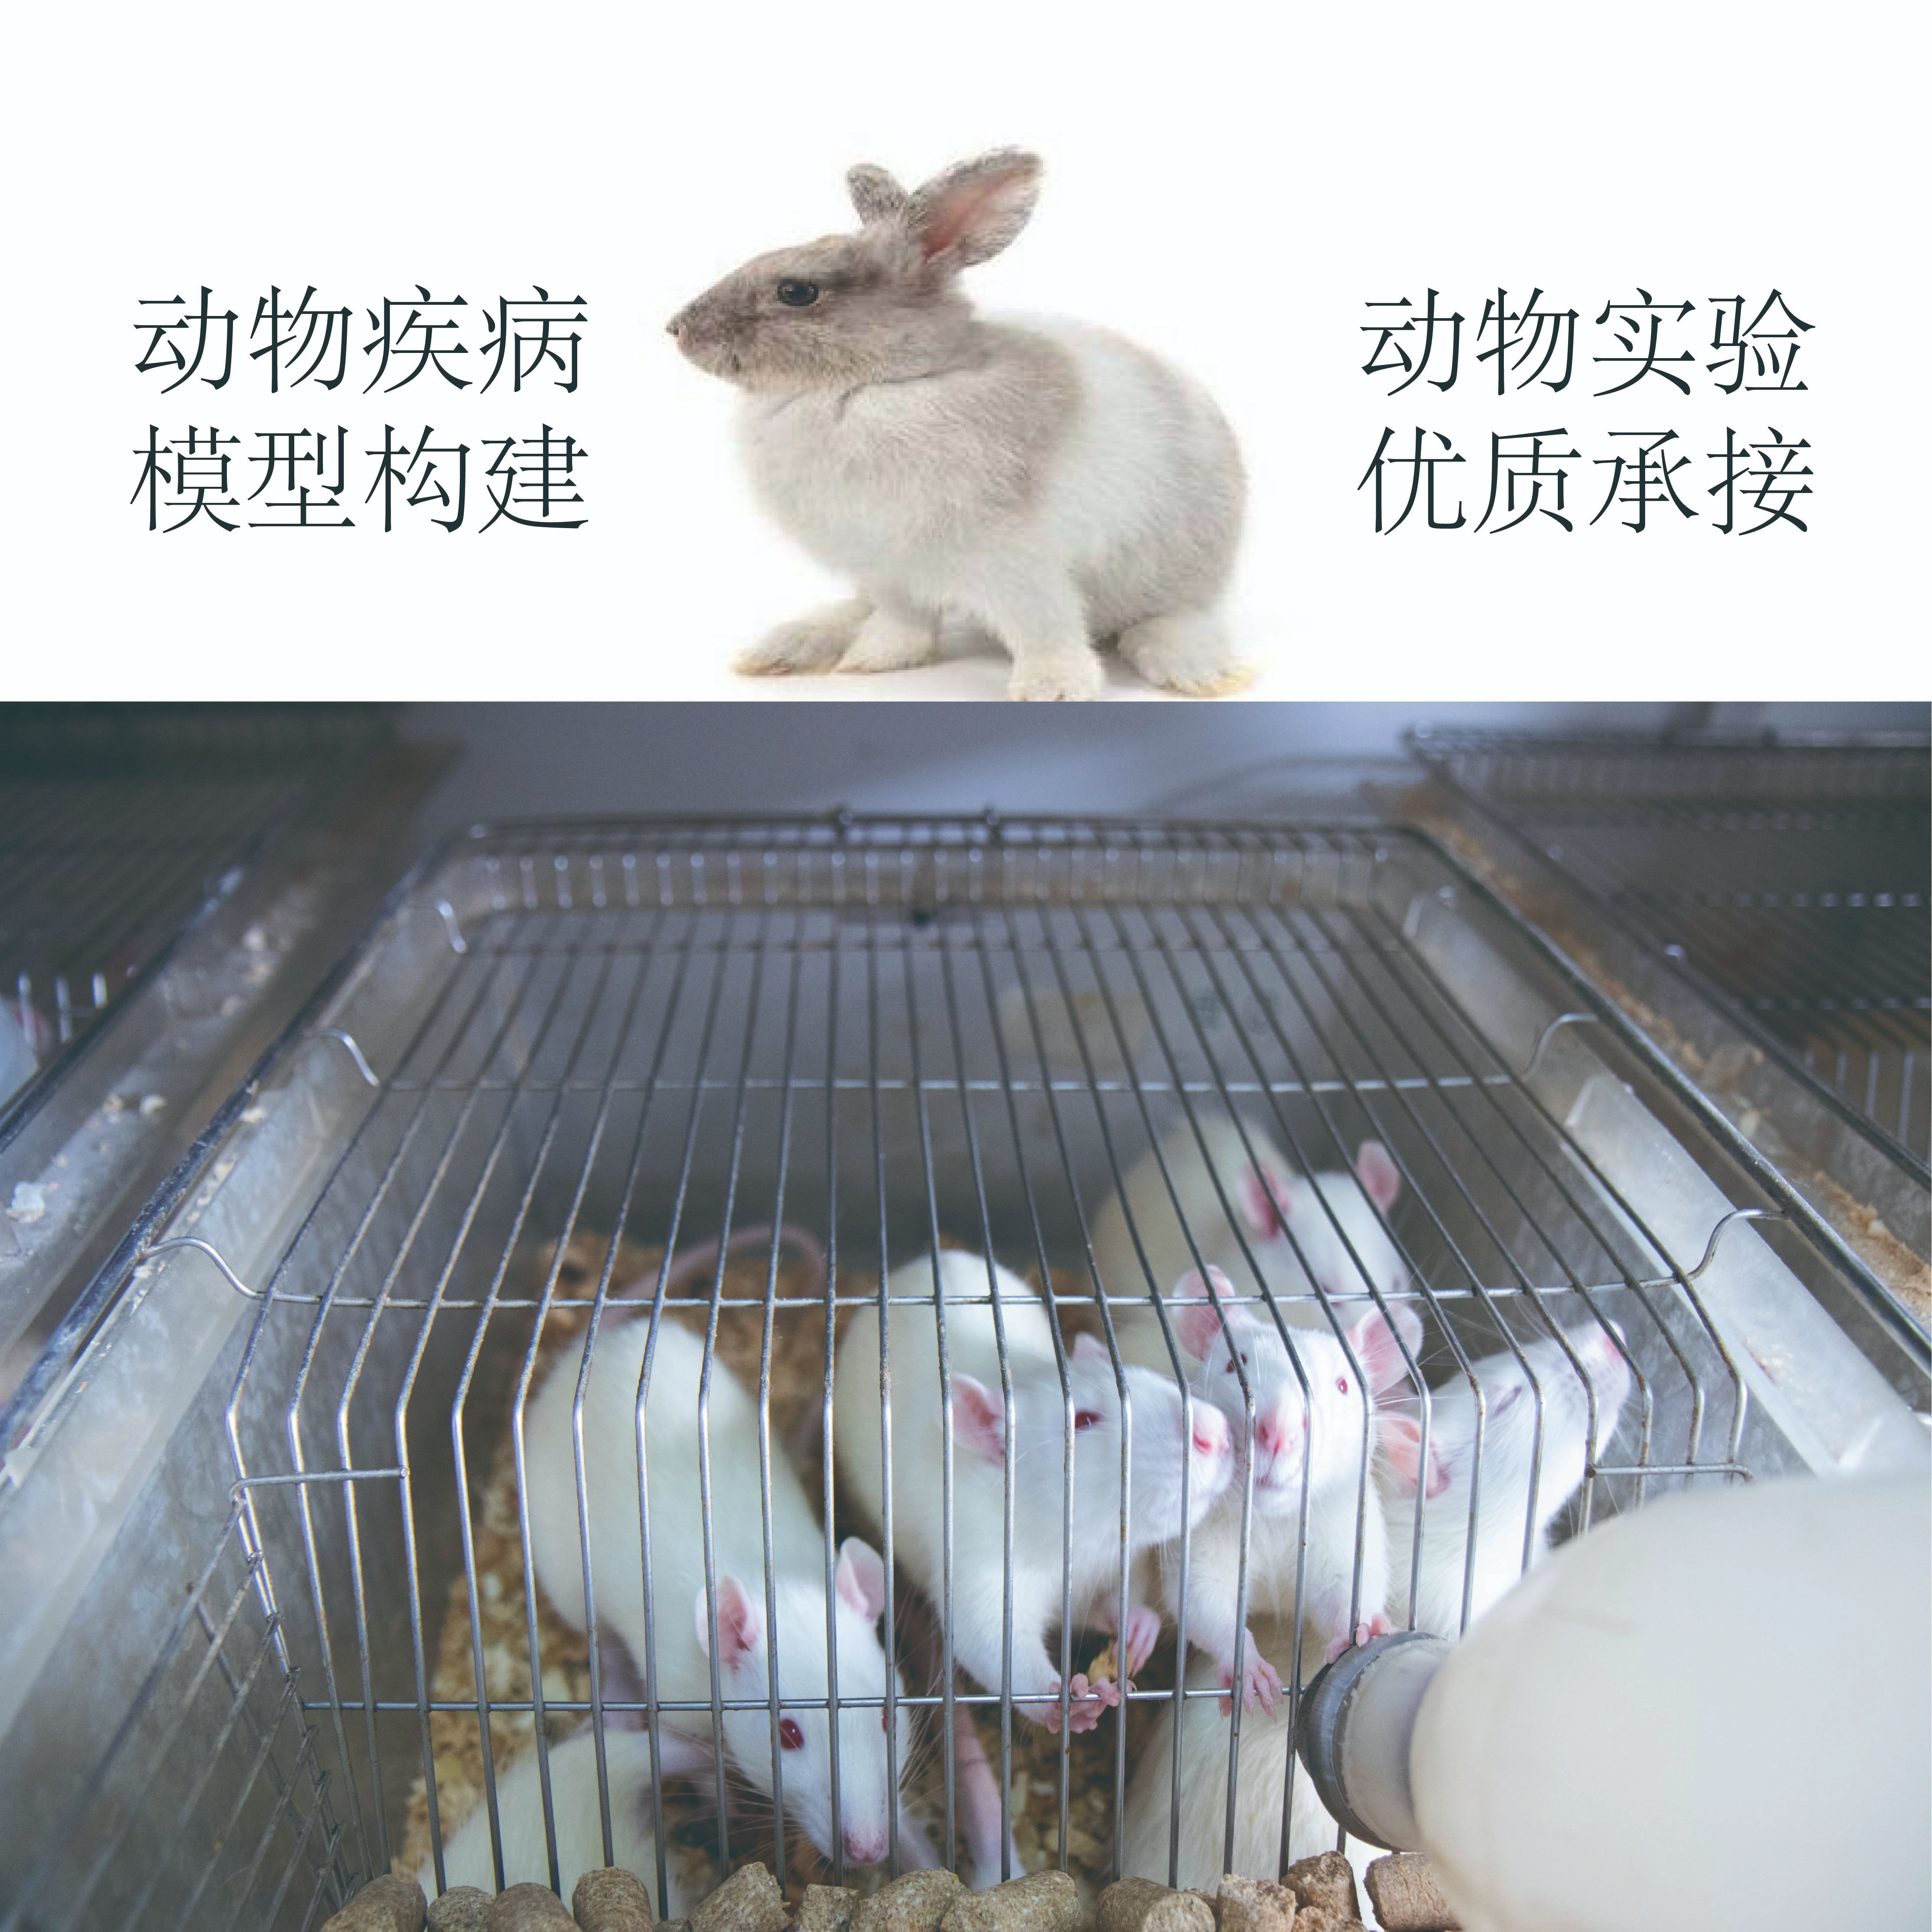 动物疾病模型构建